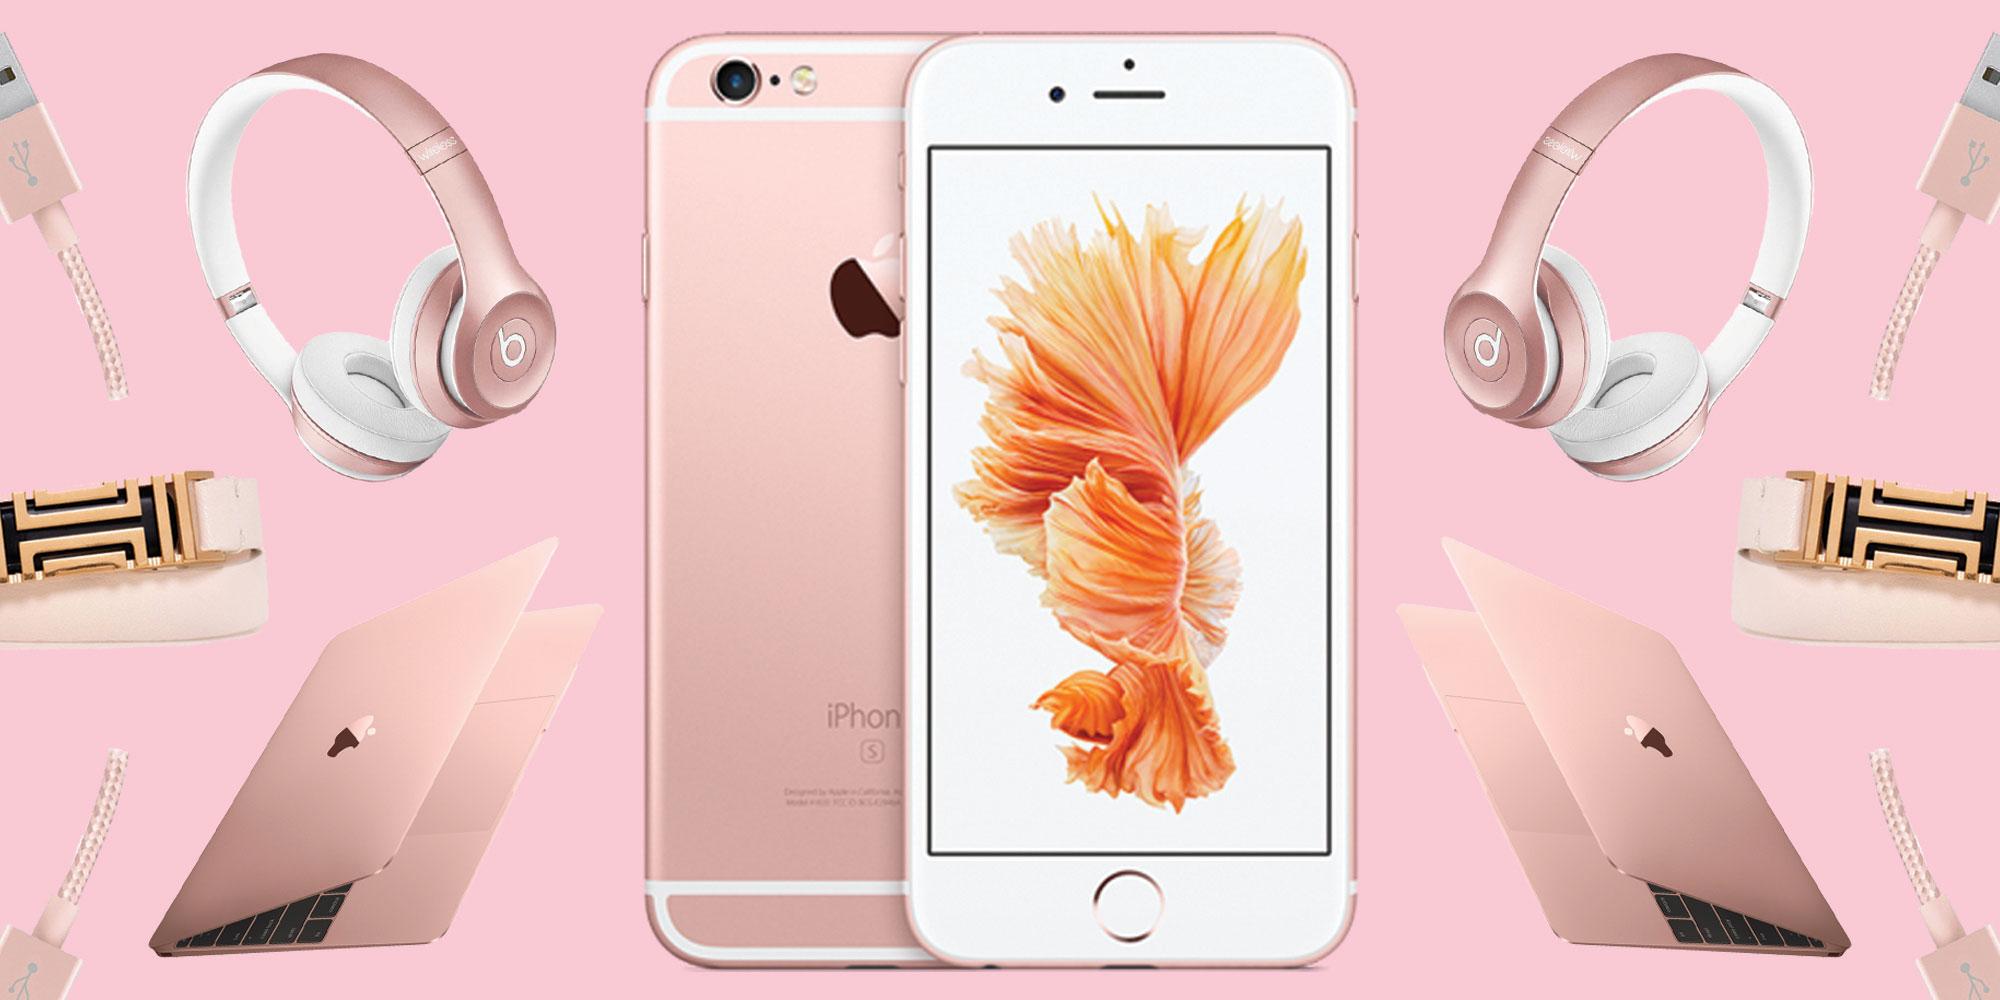 8 สินค้าไอทีสีชมพู Rose Gold สวยๆ เพื่อผู้หญิงโดยเฉพาะ